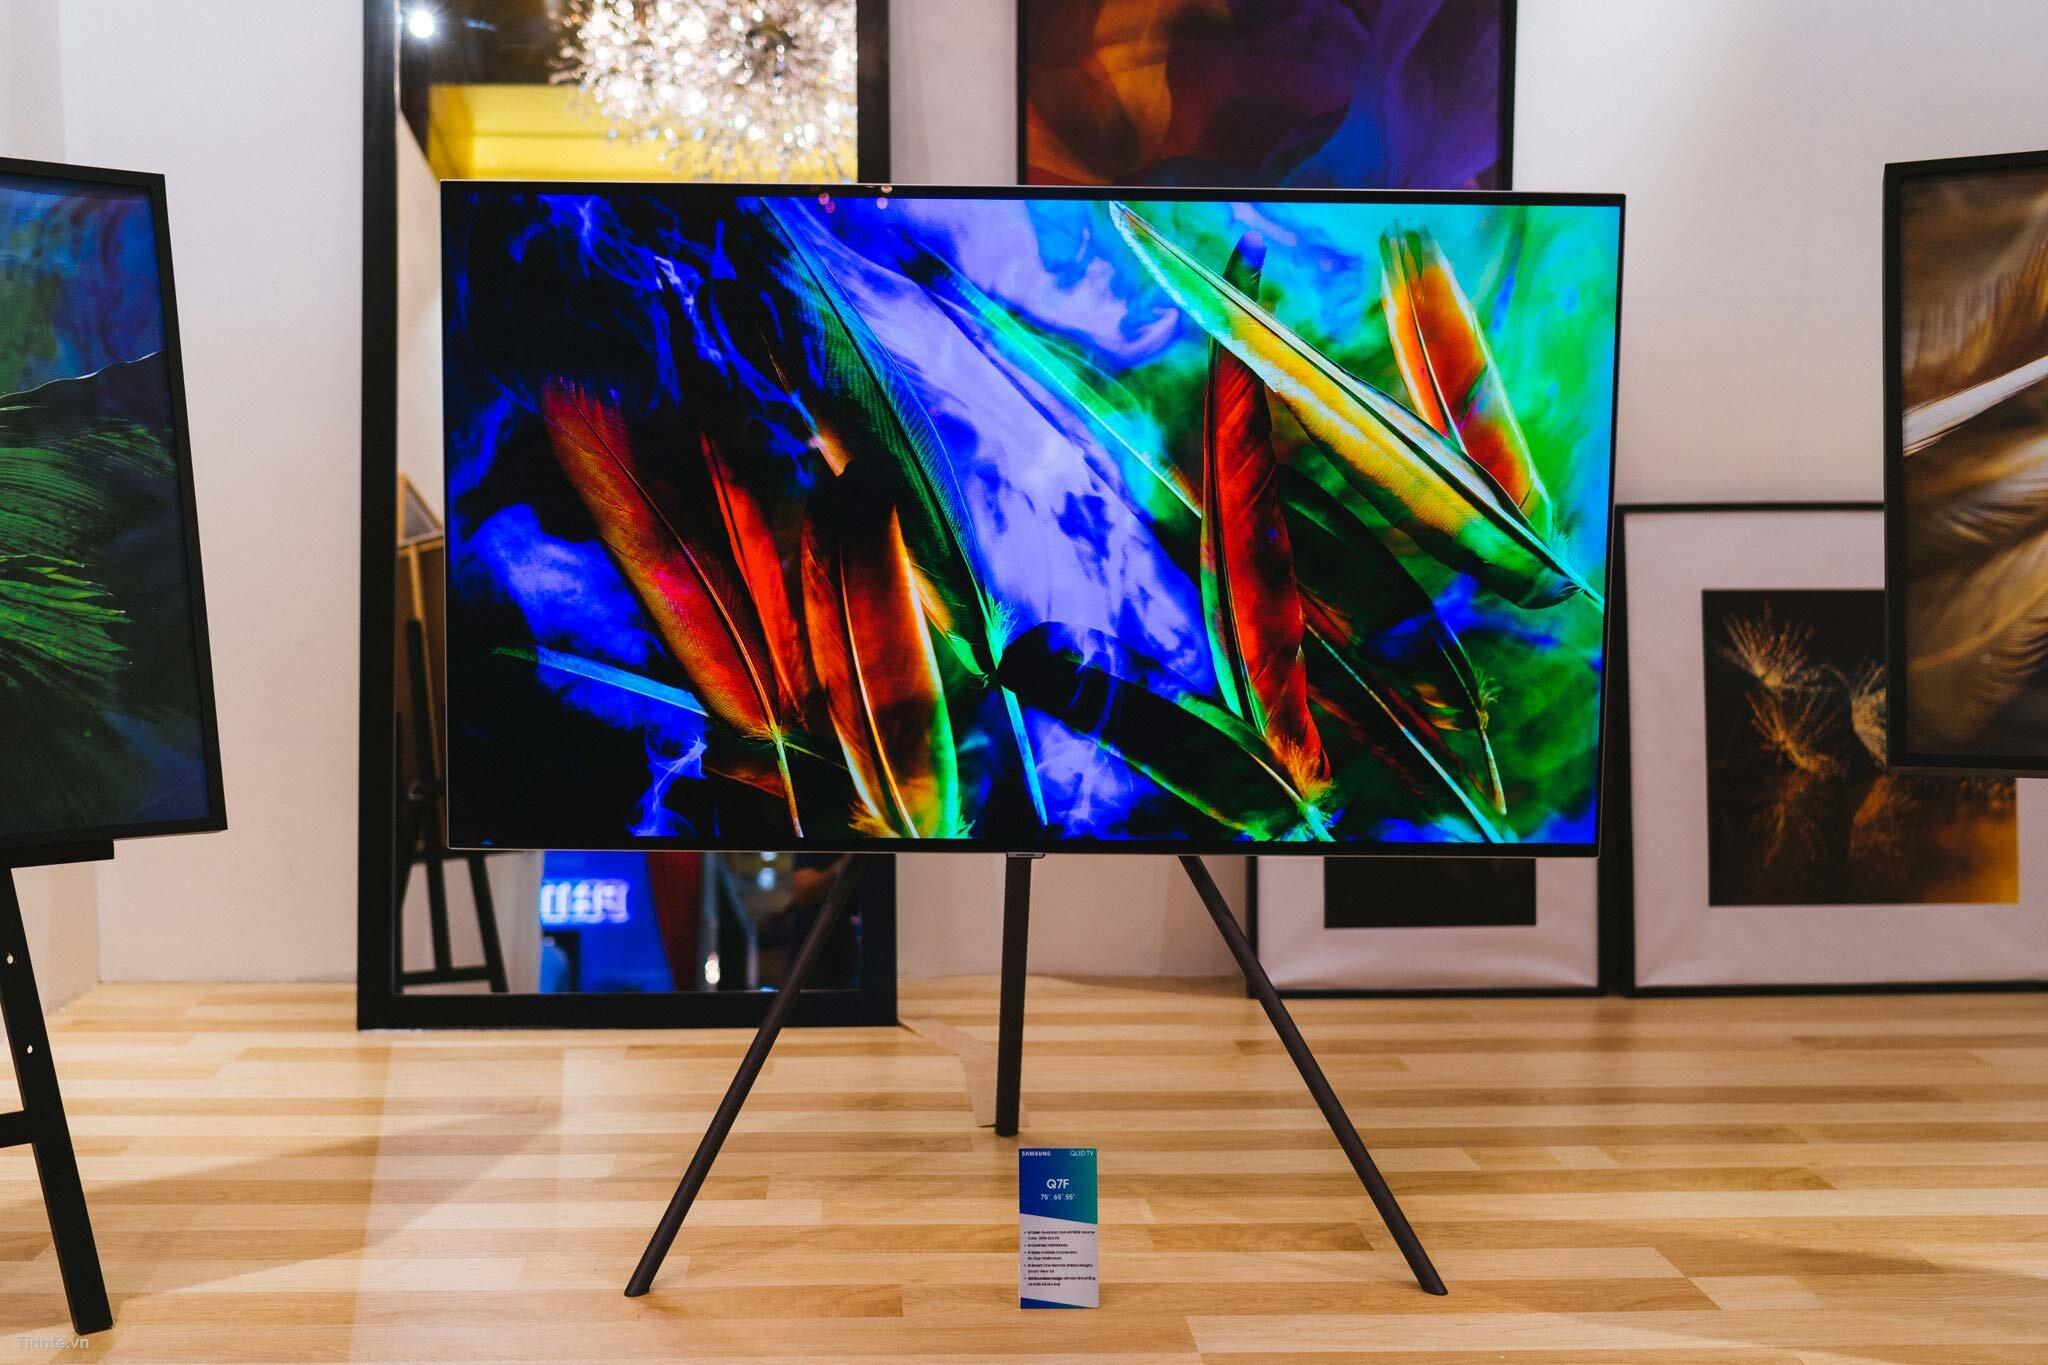 Tivi thông minh của Samsung có thiết kế đẹp